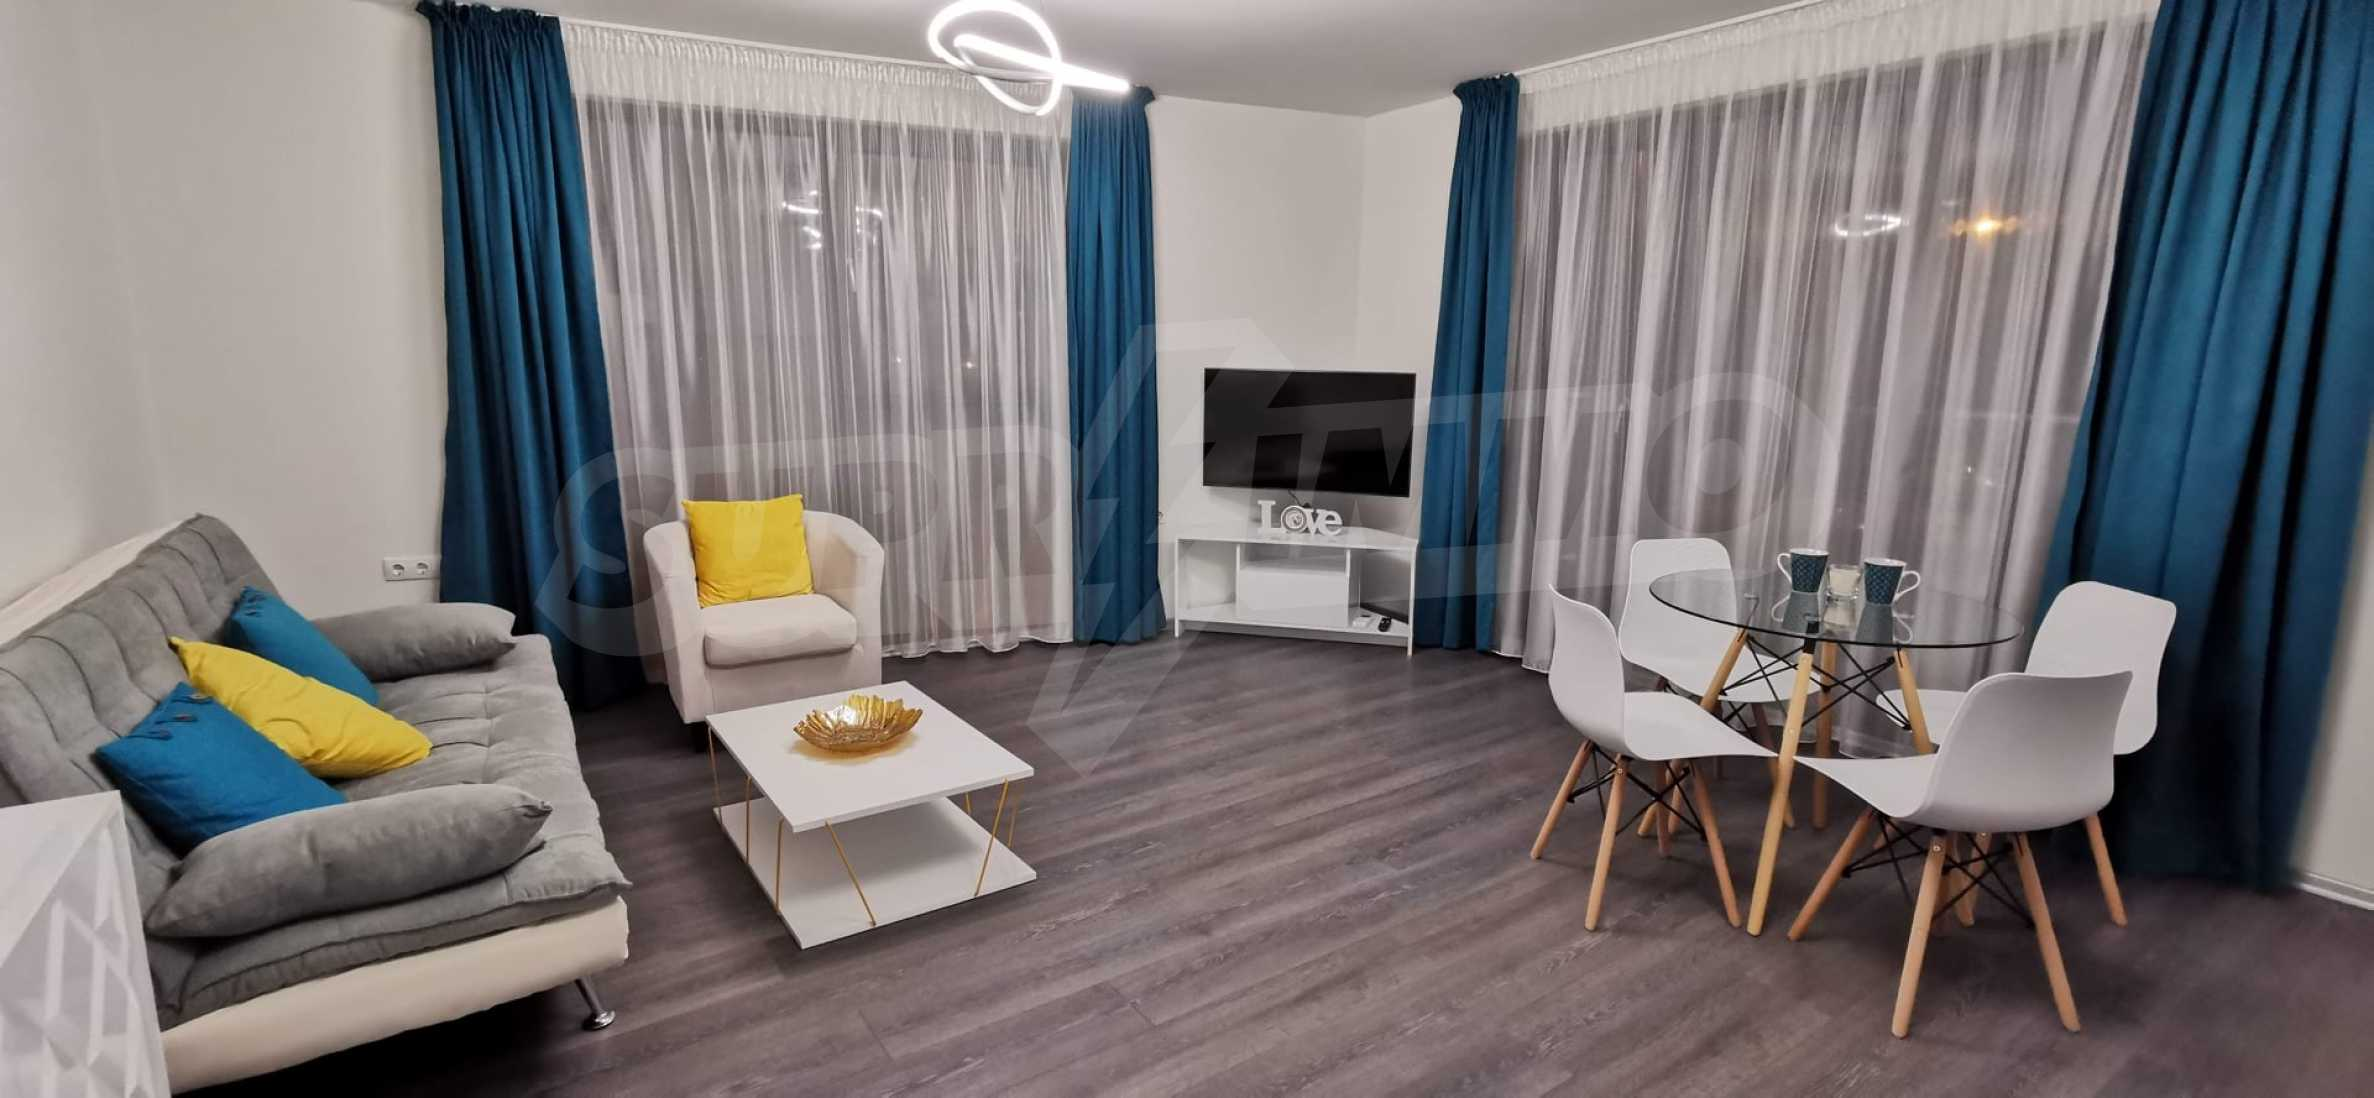 Новая стильно меблированная двухкомнатная квартира в Пловдиве, Центральный район, Каменица 3